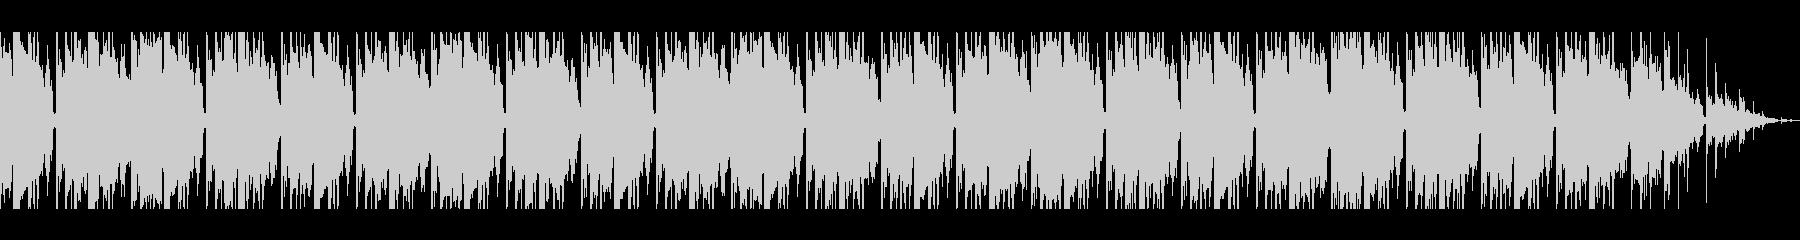 ホラー サスペンス ピアノ BGMの未再生の波形